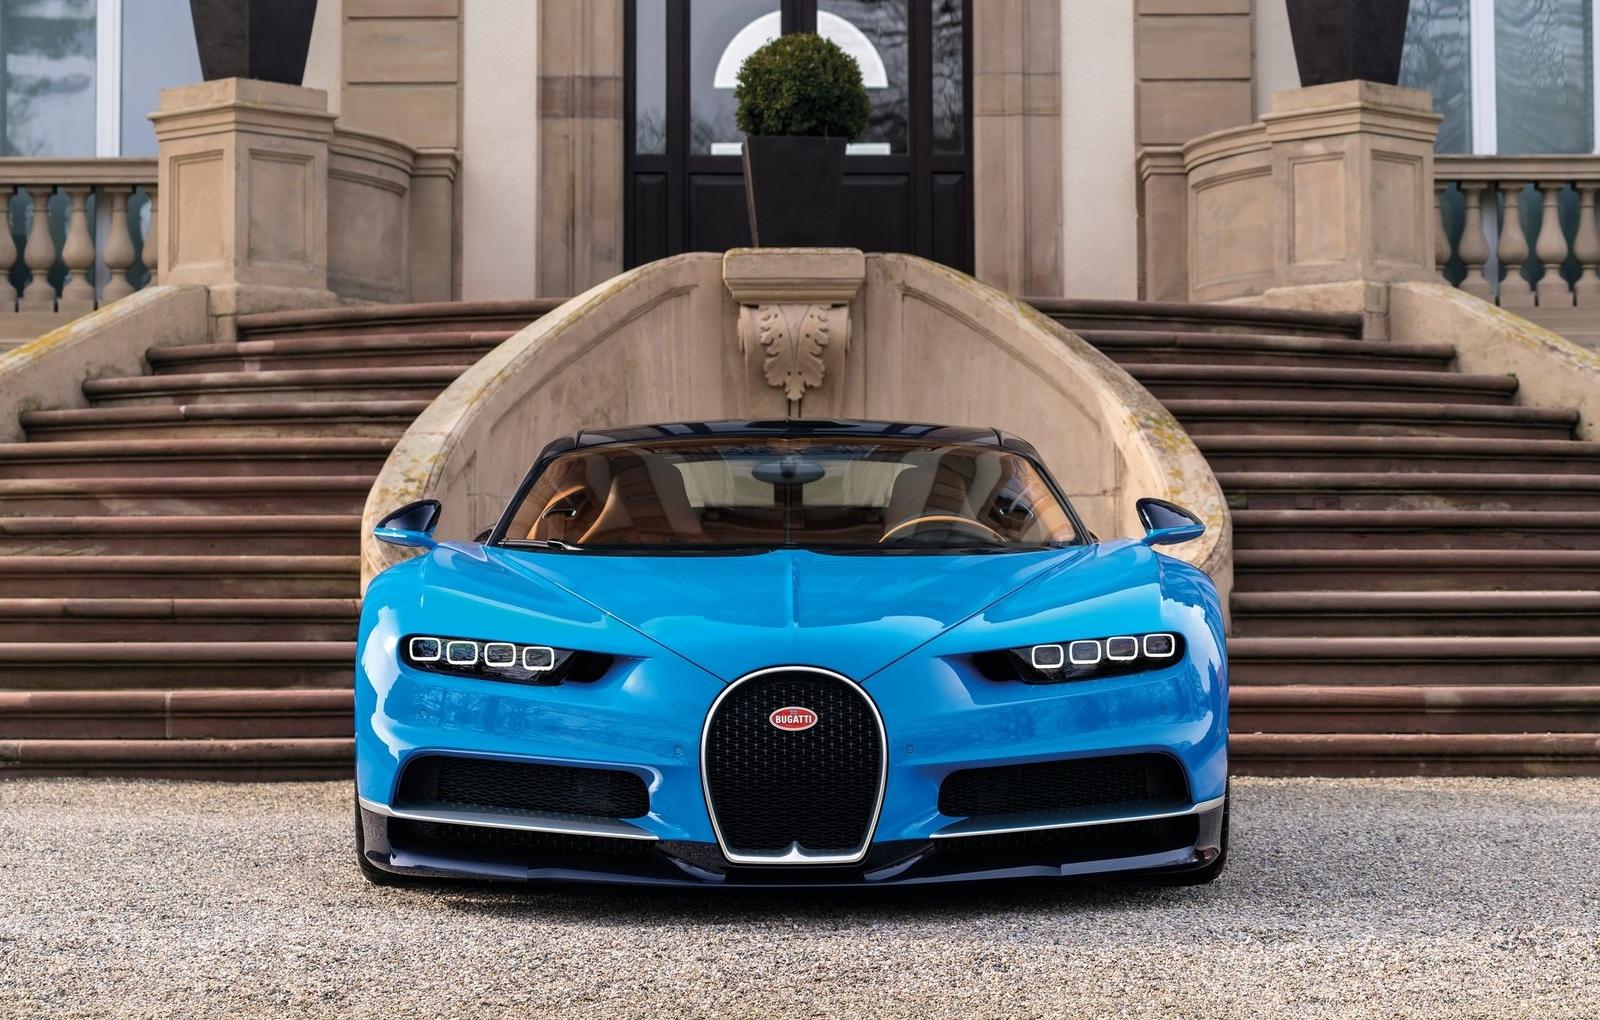 Bugatti Chiron Wallpaper For Computer